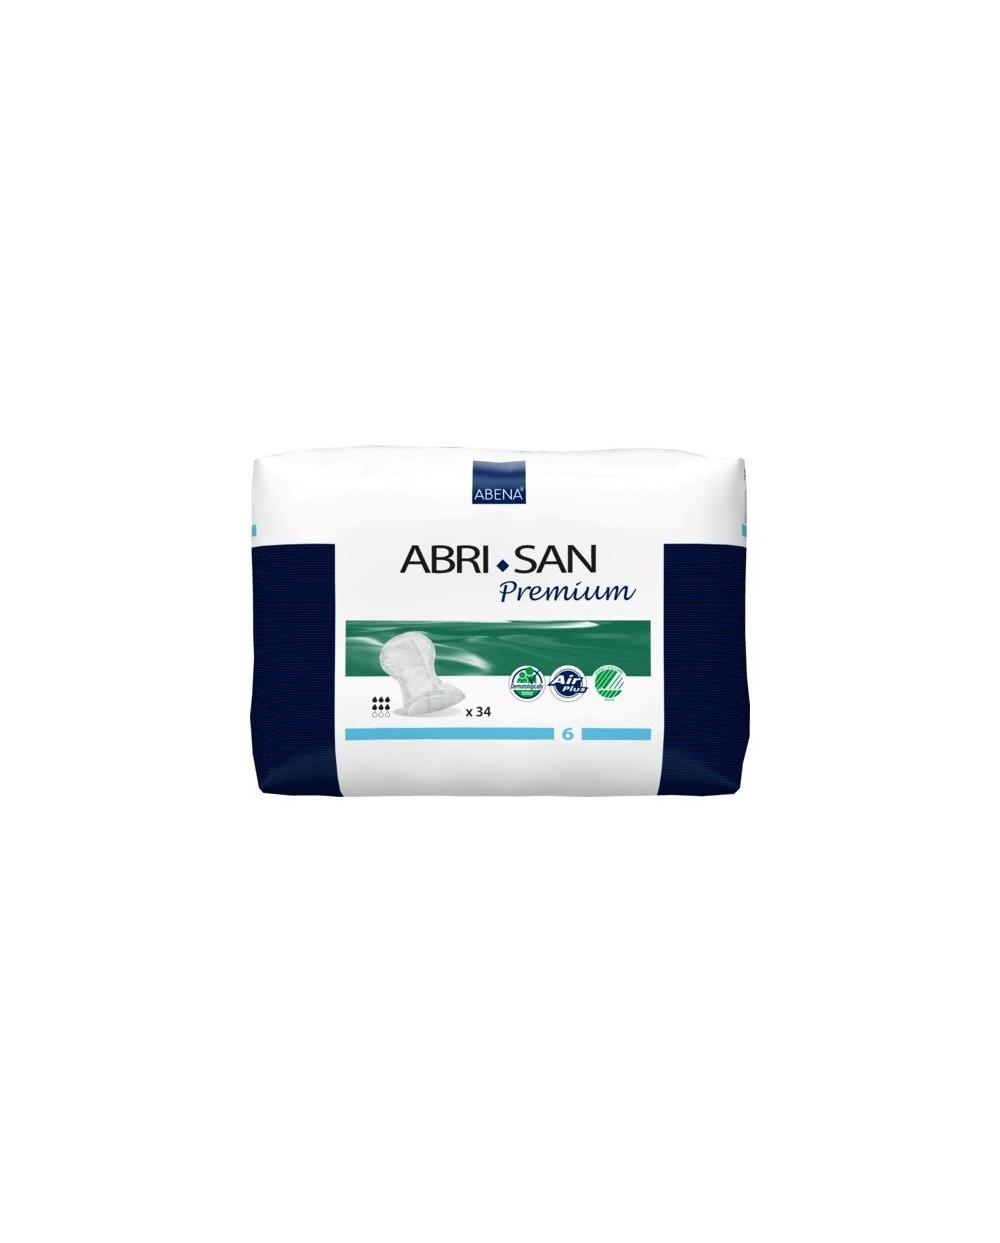 ABENA Abri-San Premium 6 - 34 protections